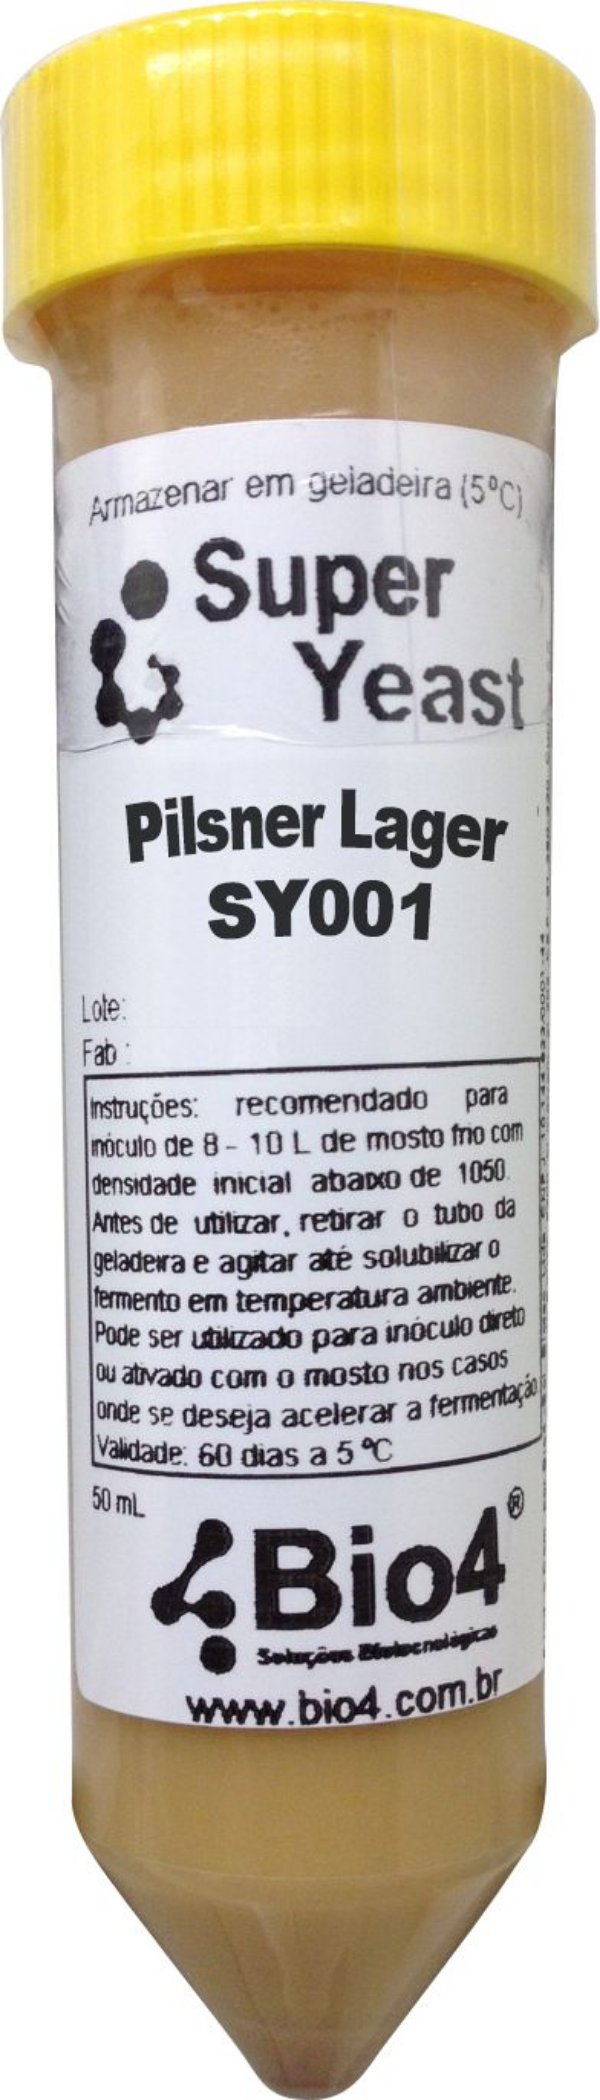 BIO4 Levedura Líquida Pilsner Lager - Frasco 50ml